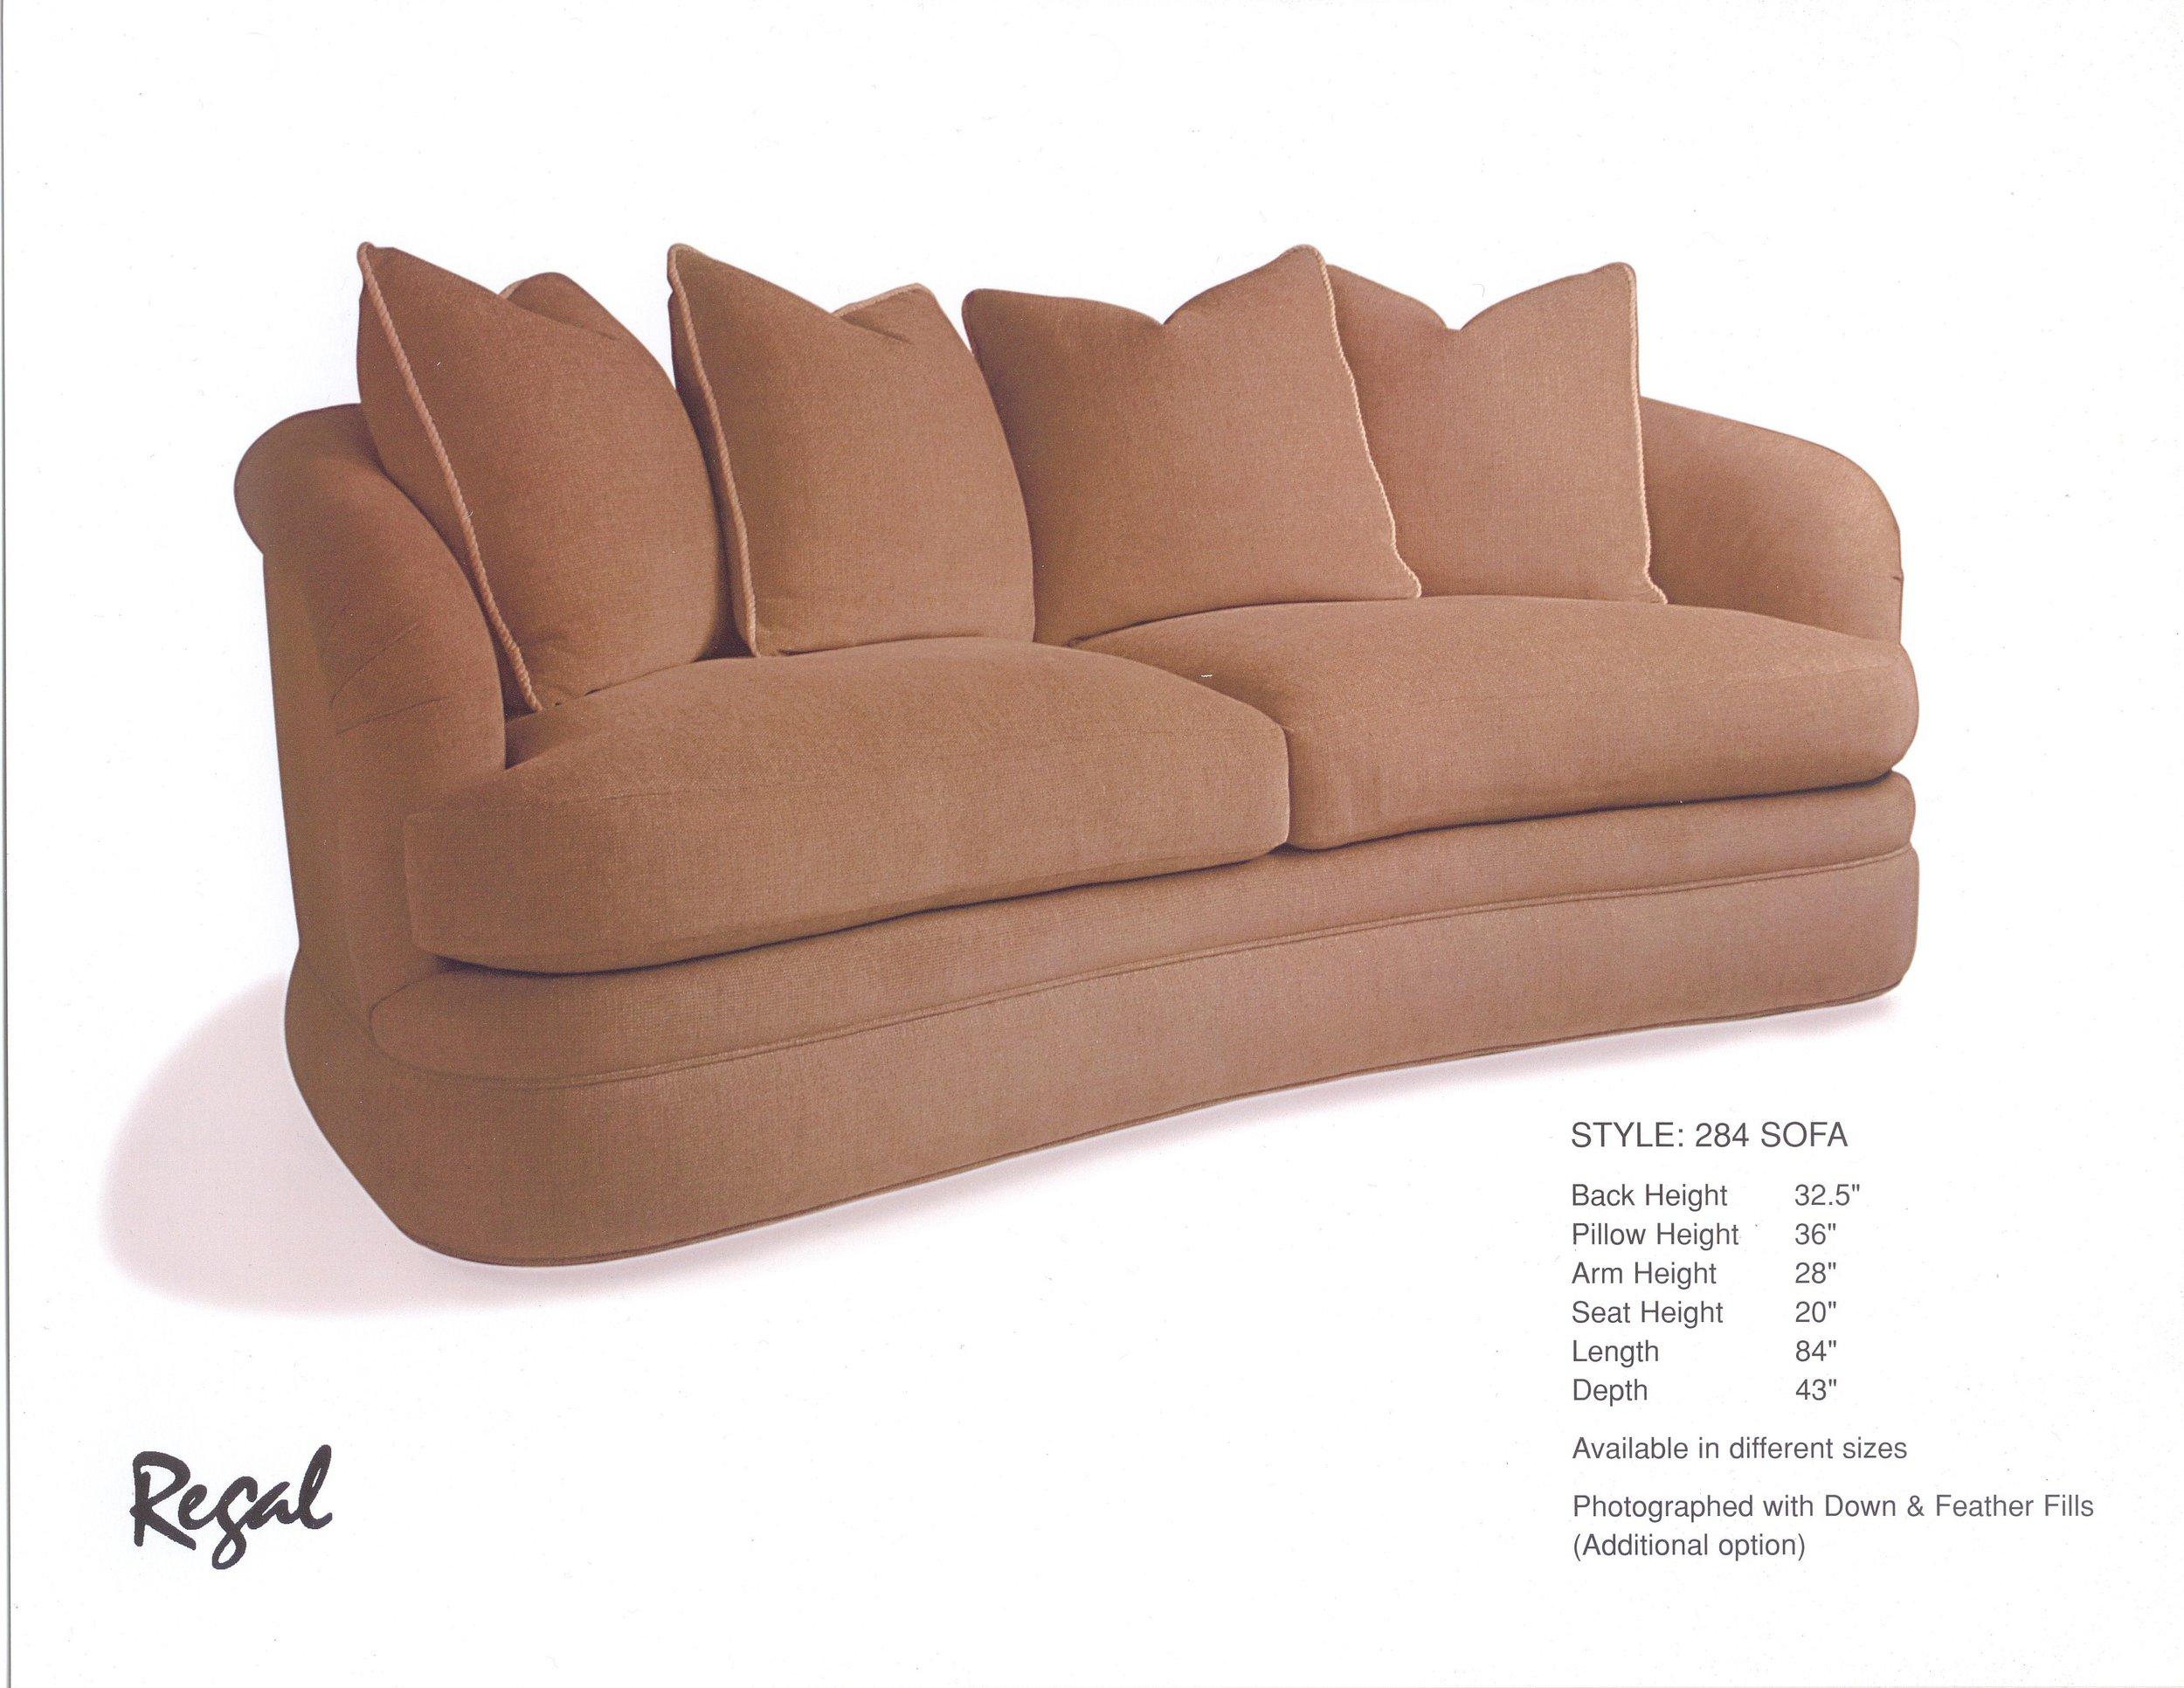 284 Sofa.jpg